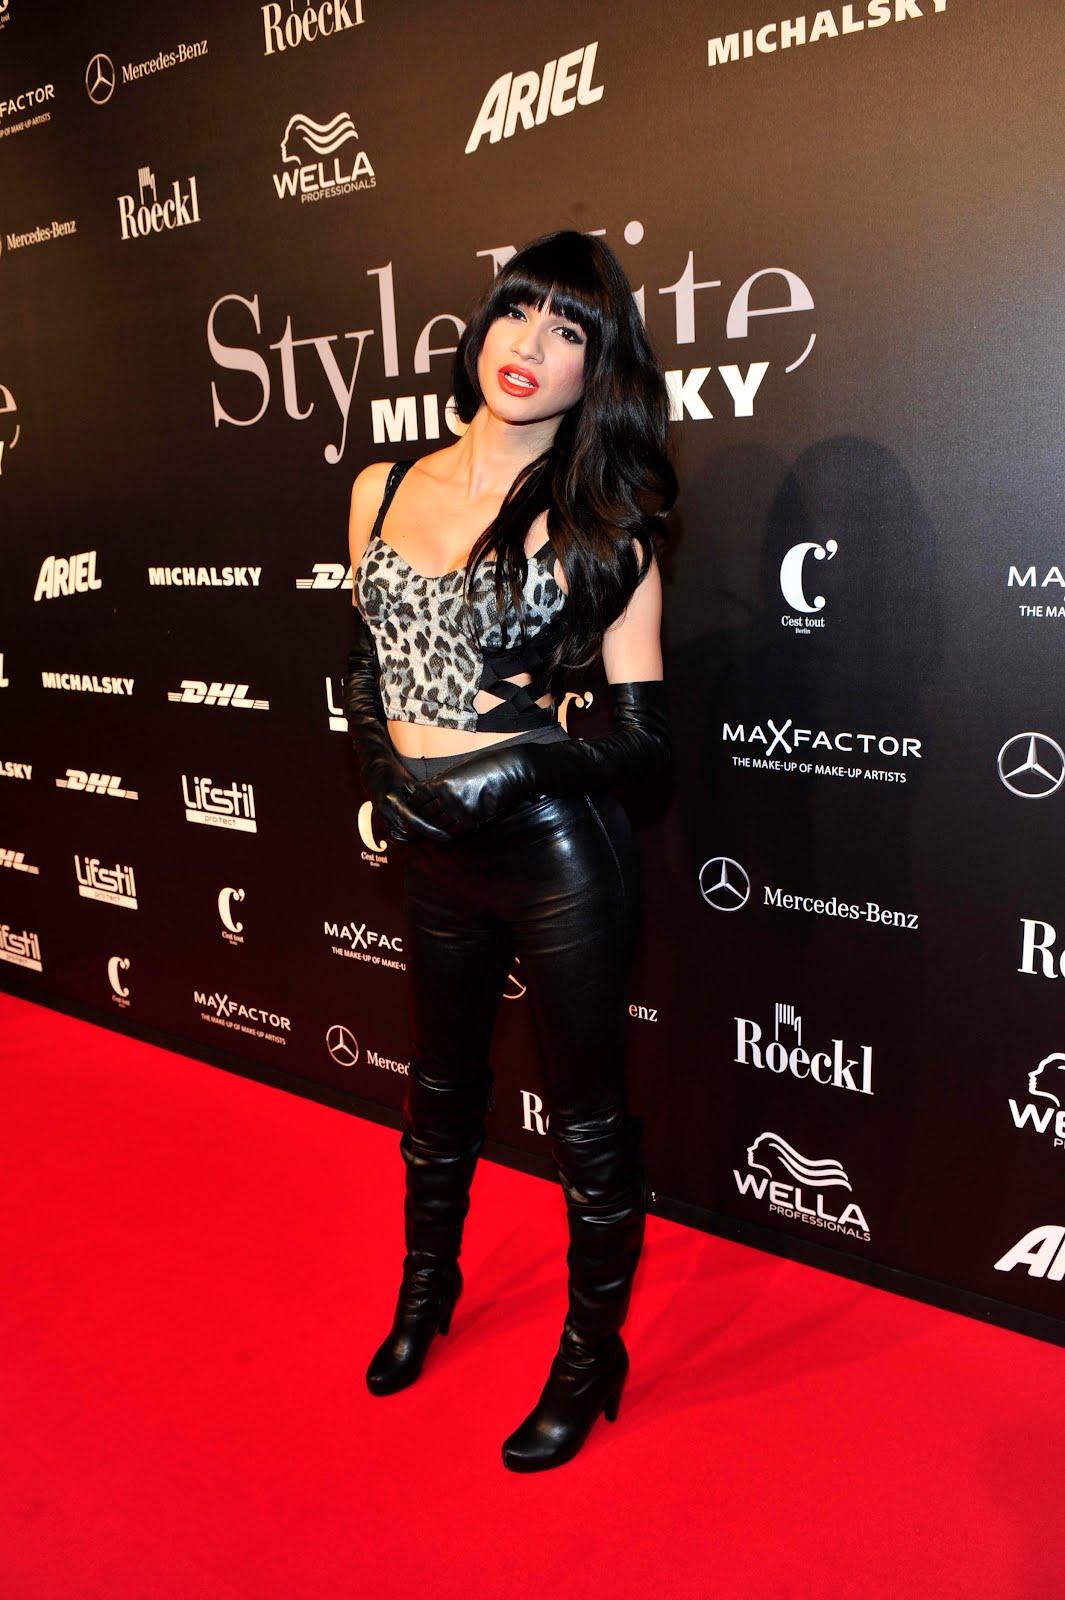 http://4.bp.blogspot.com/-VbuRjDlvvK8/TyeUtcYh55I/AAAAAAAADF4/kkeGMeW6JDc/s1600/Nomi_Ruiz_05.jpg